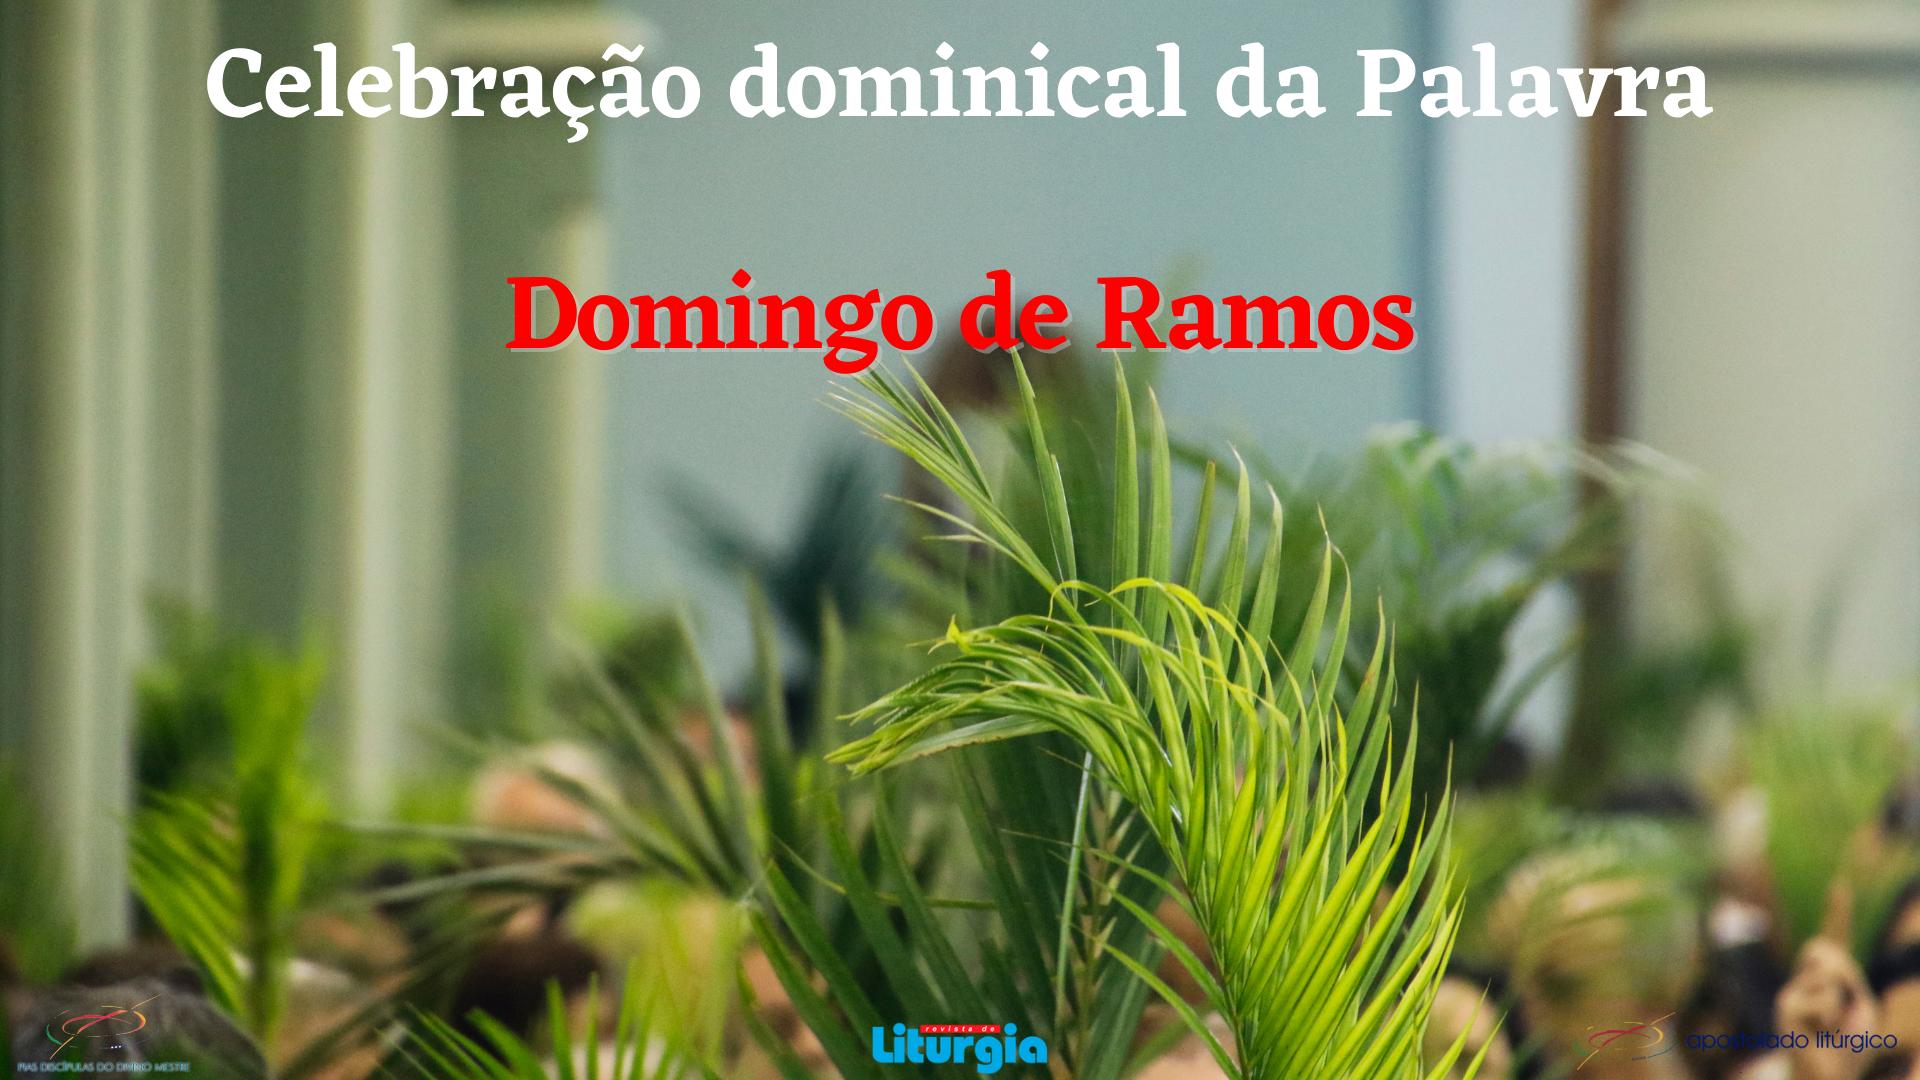 Domingo de Ramos 2021